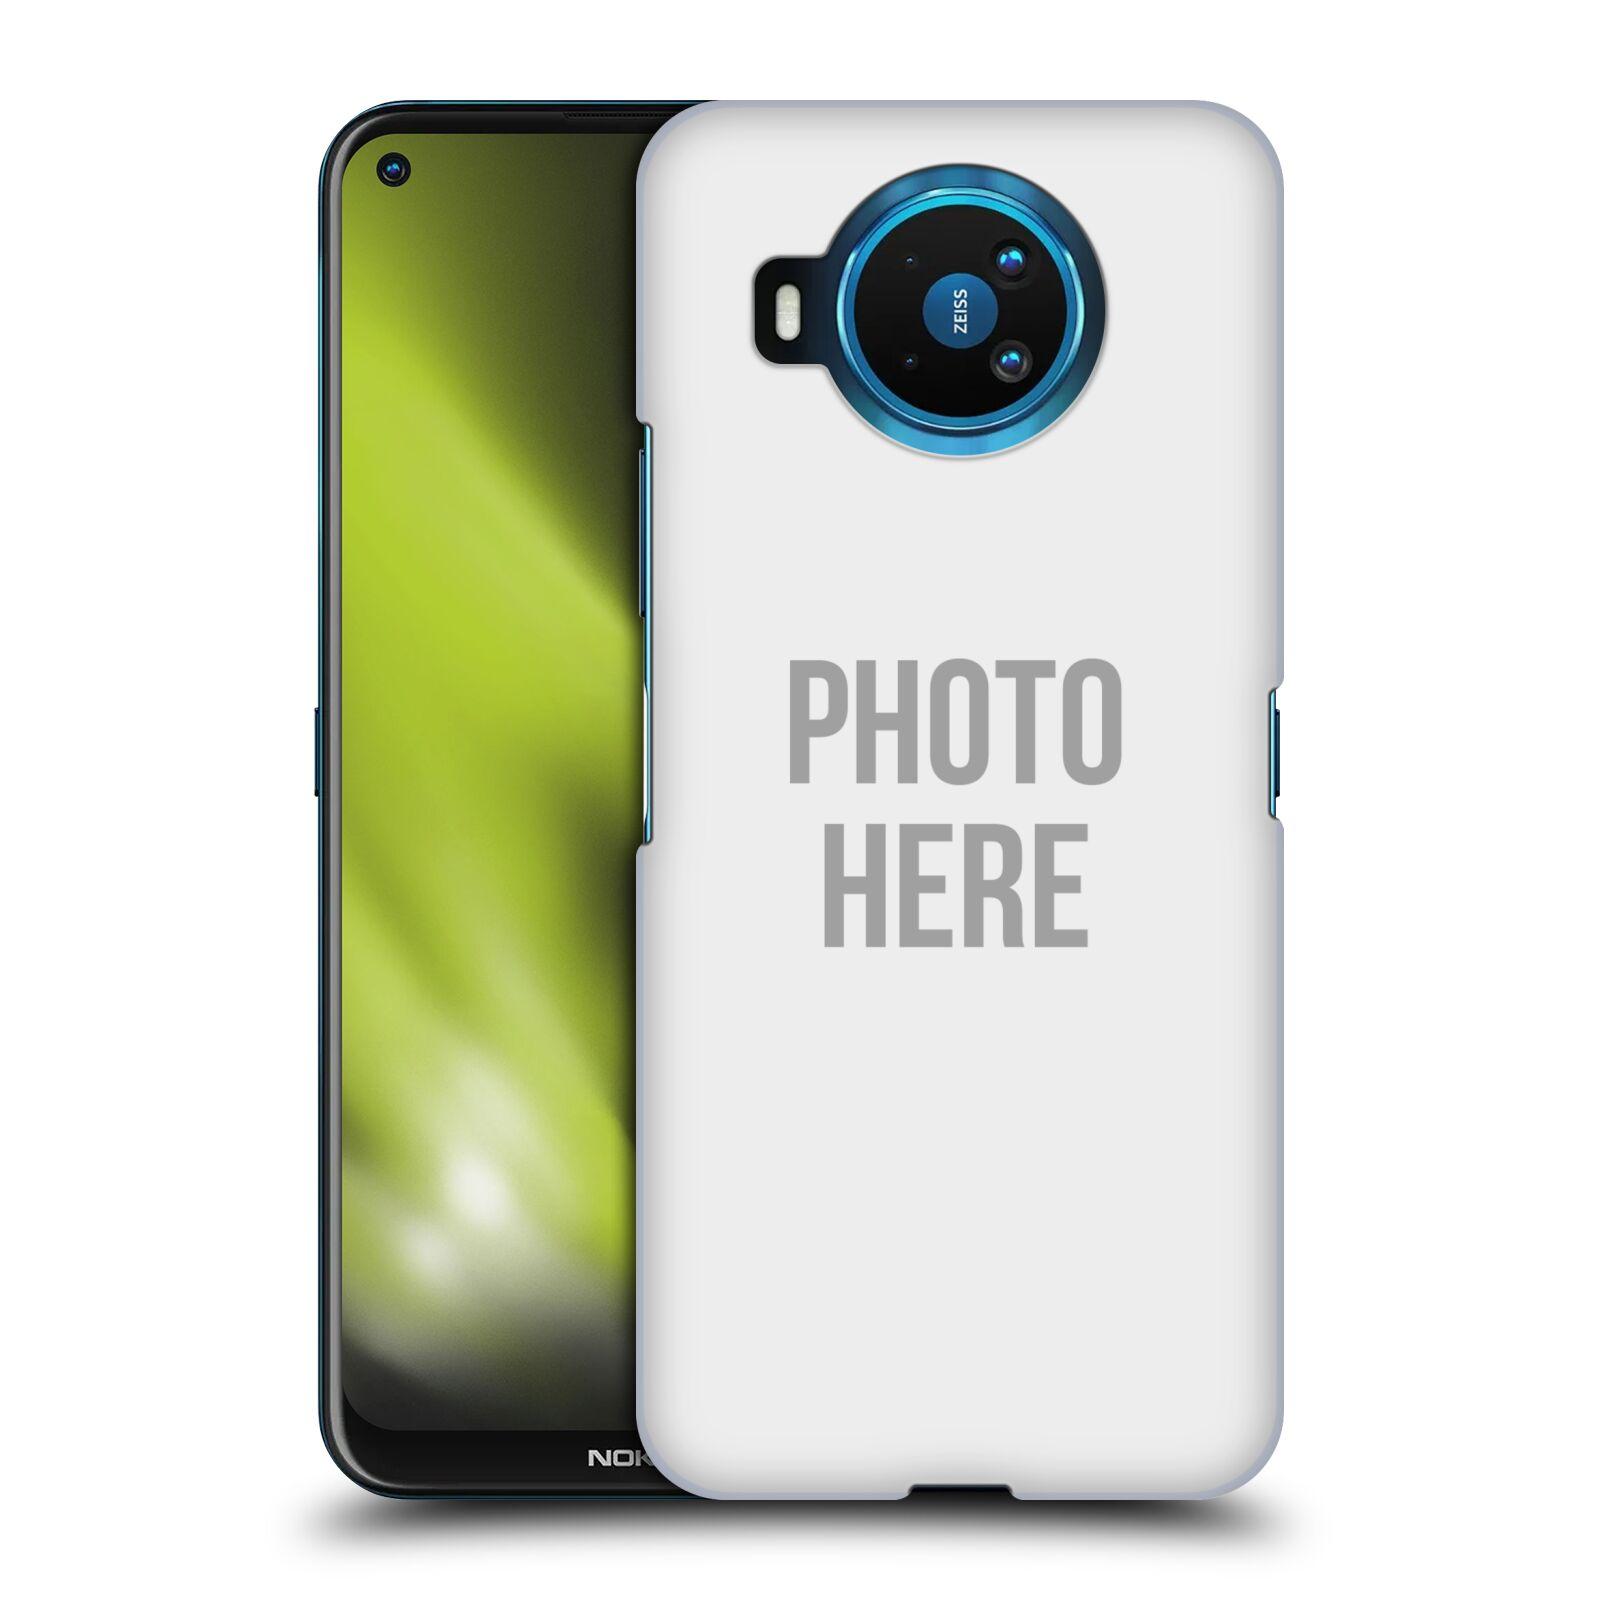 Plastové pouzdro na mobil Nokia 8.3 5G s vlastním motivem